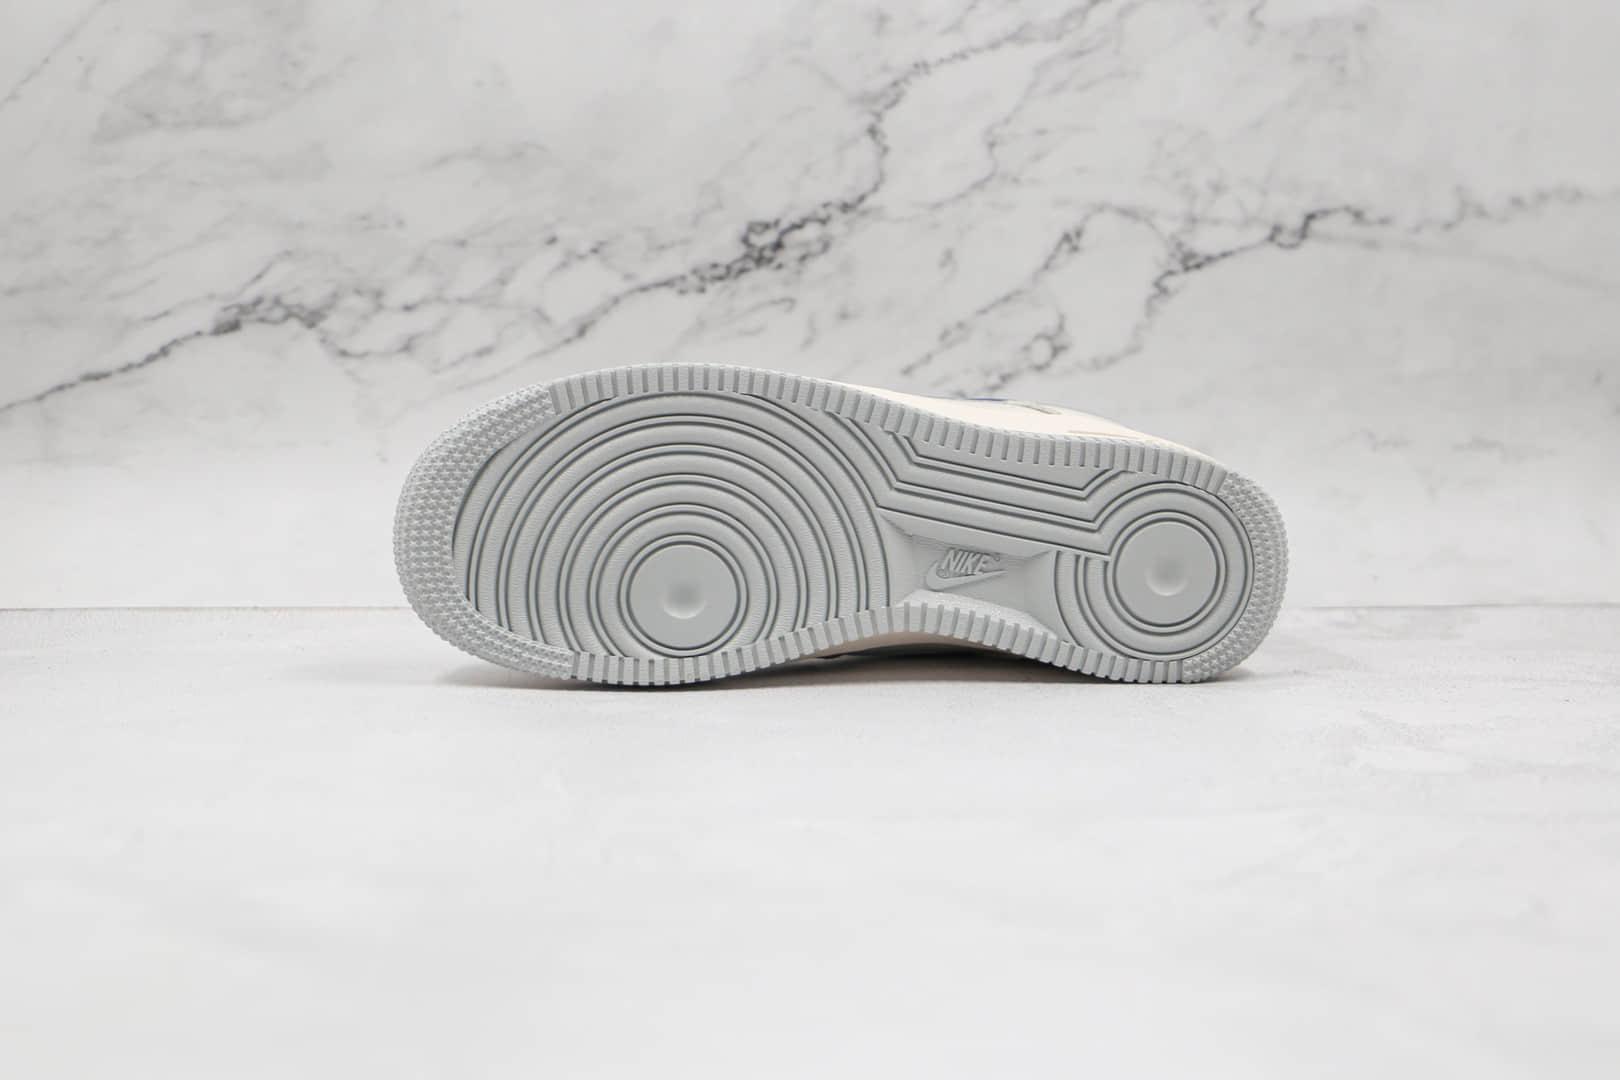 耐克Nike AIR FMRCE 1 Low纯原版本低帮空军一号小巴黎雾霾蓝板鞋内置全掌Sole气垫 货号:CT5566-033